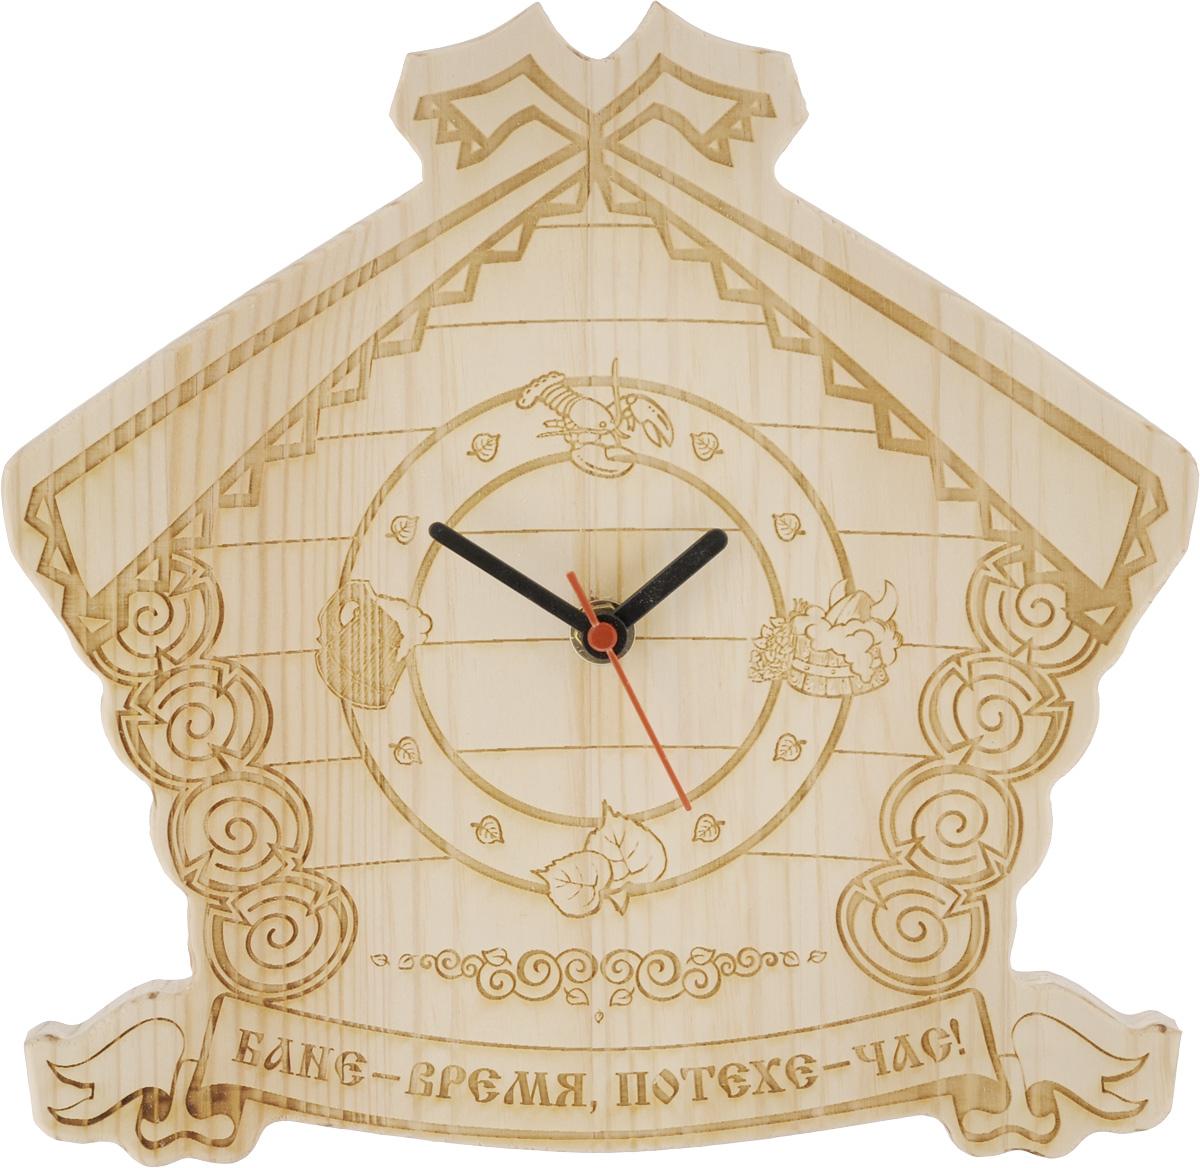 Часы настенные Доктор баня Домик, для бани и сауны. 904727904727_дизайн 2Настенные часы Доктор баня, выполненные из дерева в виде домика, подчеркнут оригинальность интерьера вашей бани или сауны. Изделие декорировано фигурной резьбой. Циферблат оформлен изображением рака, пивной кружки, листьев и ушата с веником. Часы имеют три стрелки - часовую, минутную и секундную. Внизу расположена надпись: Бане - время, потехе - час!.Такие часы отлично дополнят интерьер бани и послужат прекрасным подарком для всех ценителей банных процедур.С обратной стороны часов имеется отверстие для подвешивания на стену. Часы работают от 1 батарейки типа АА (в комплект не входит).